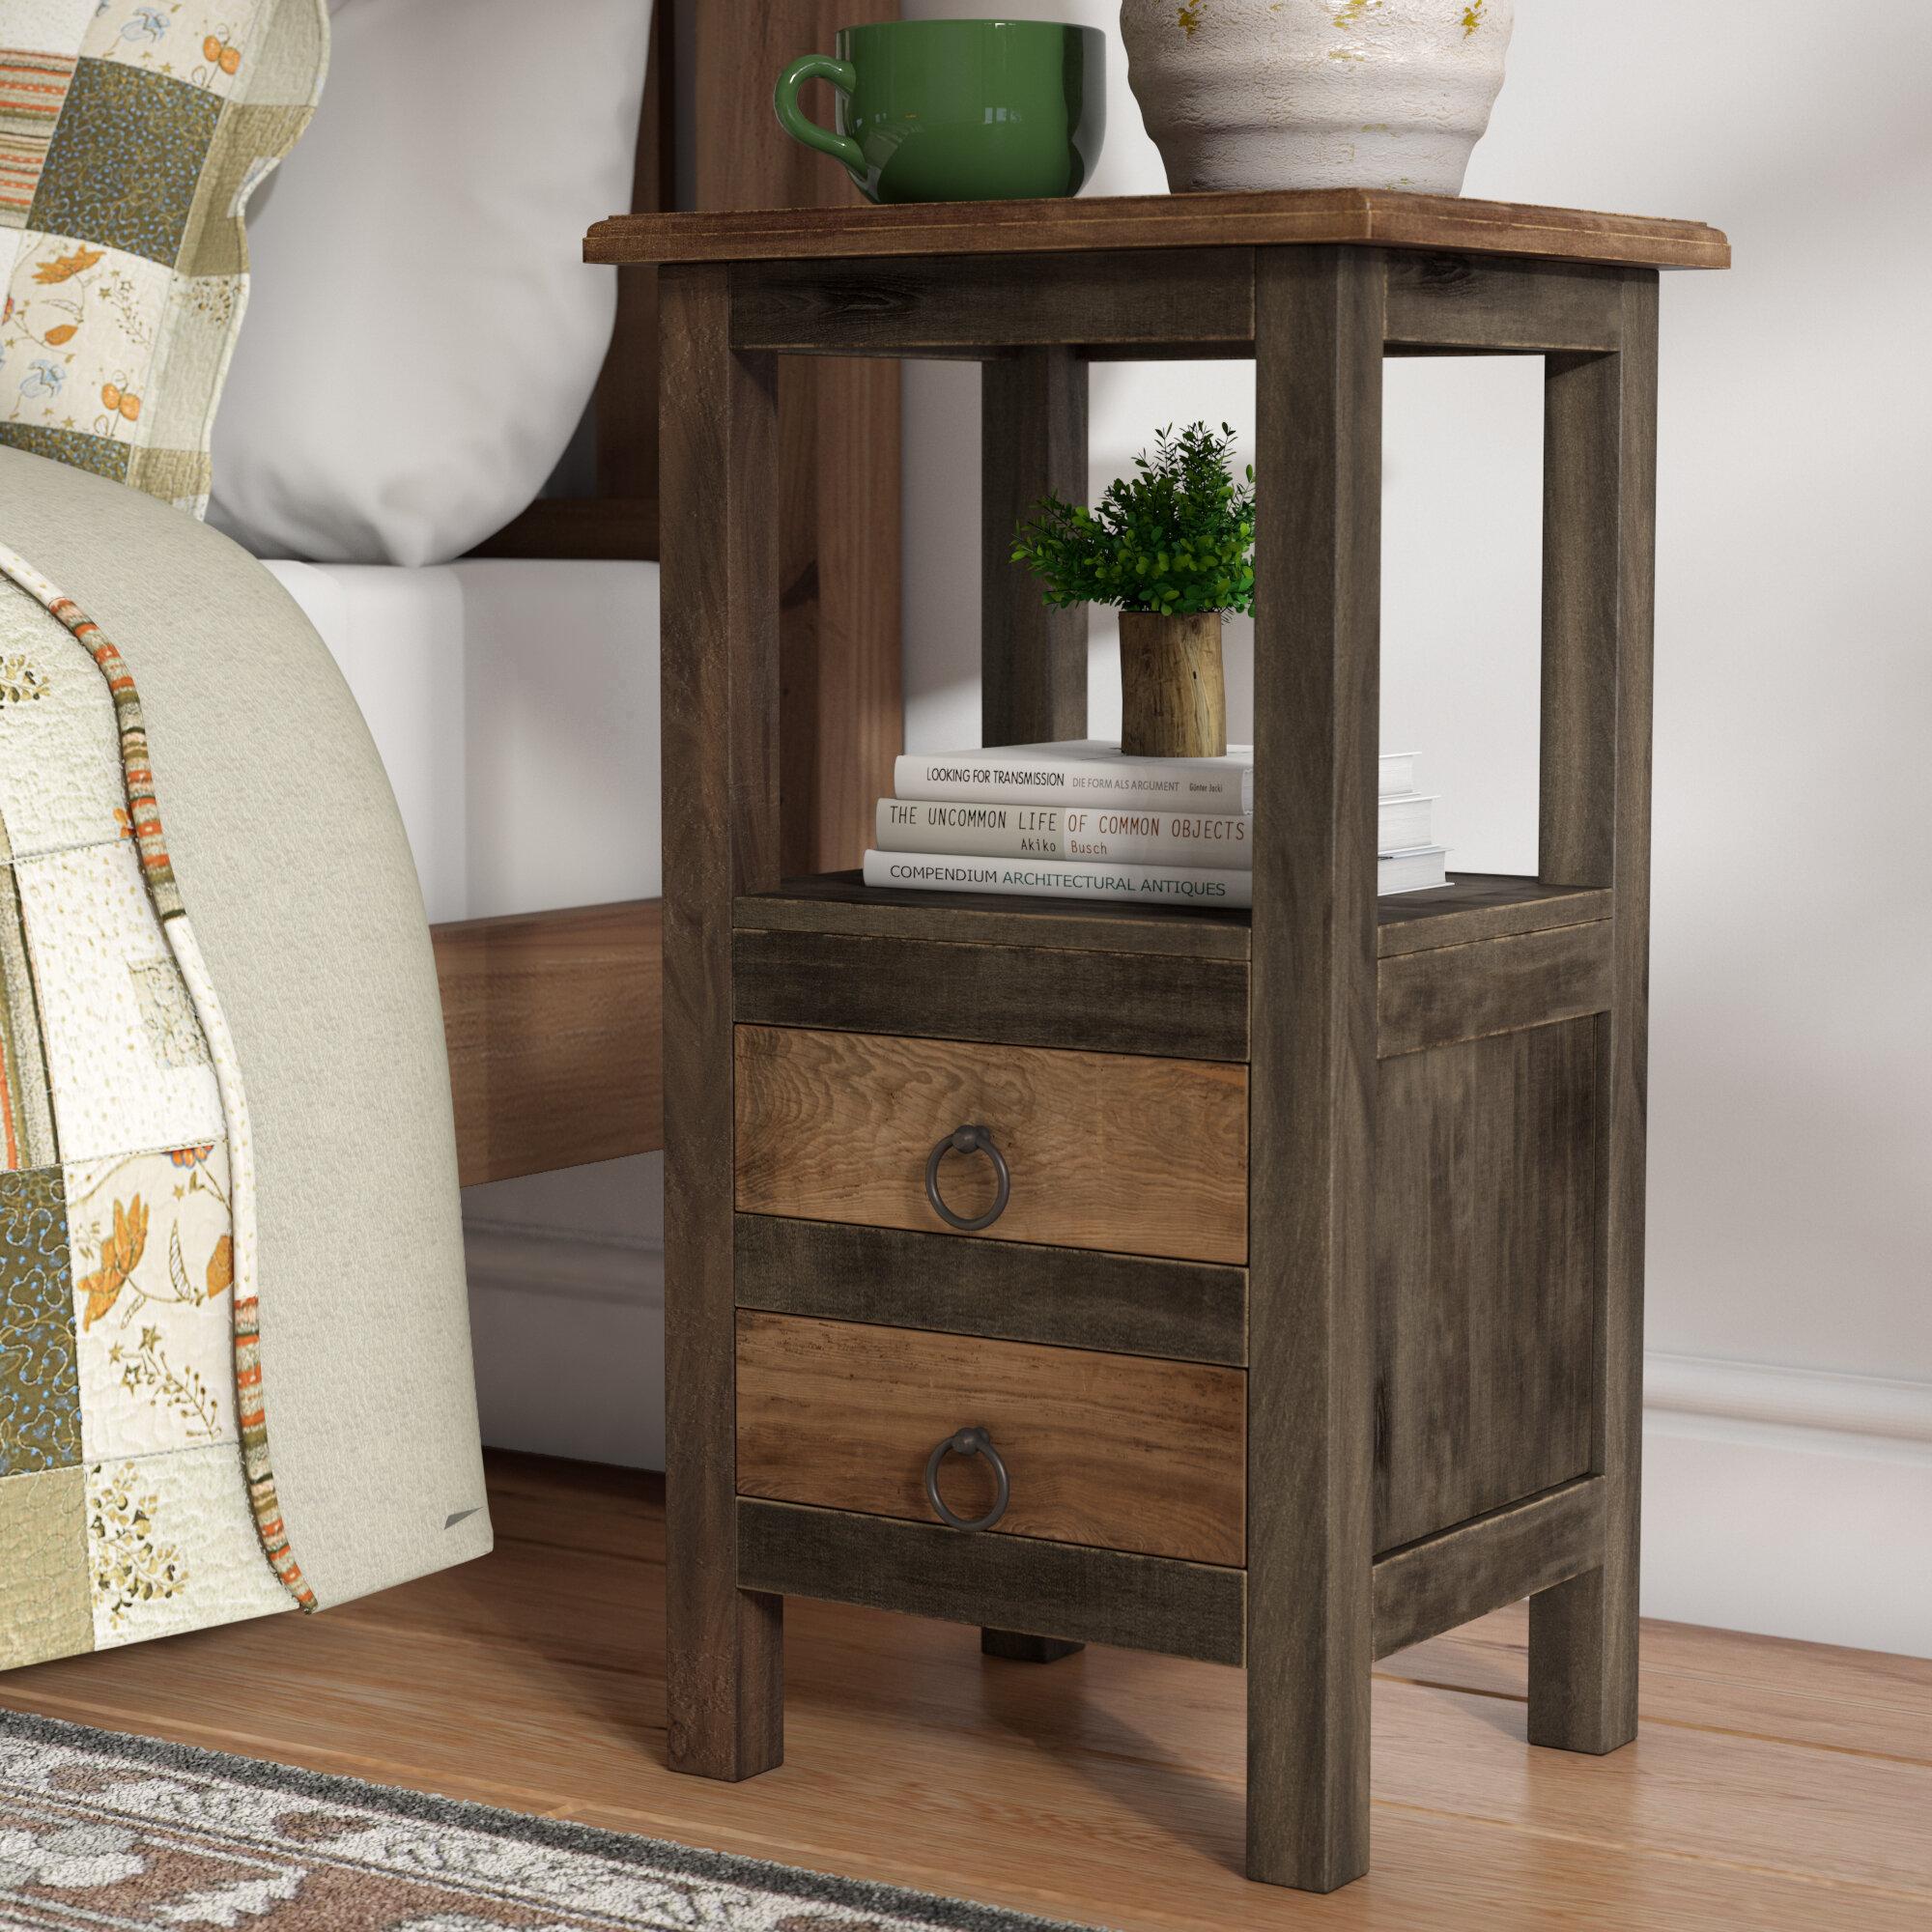 Loon Peak® Plattsburgh End Table With Storage & Reviews | Wayfair